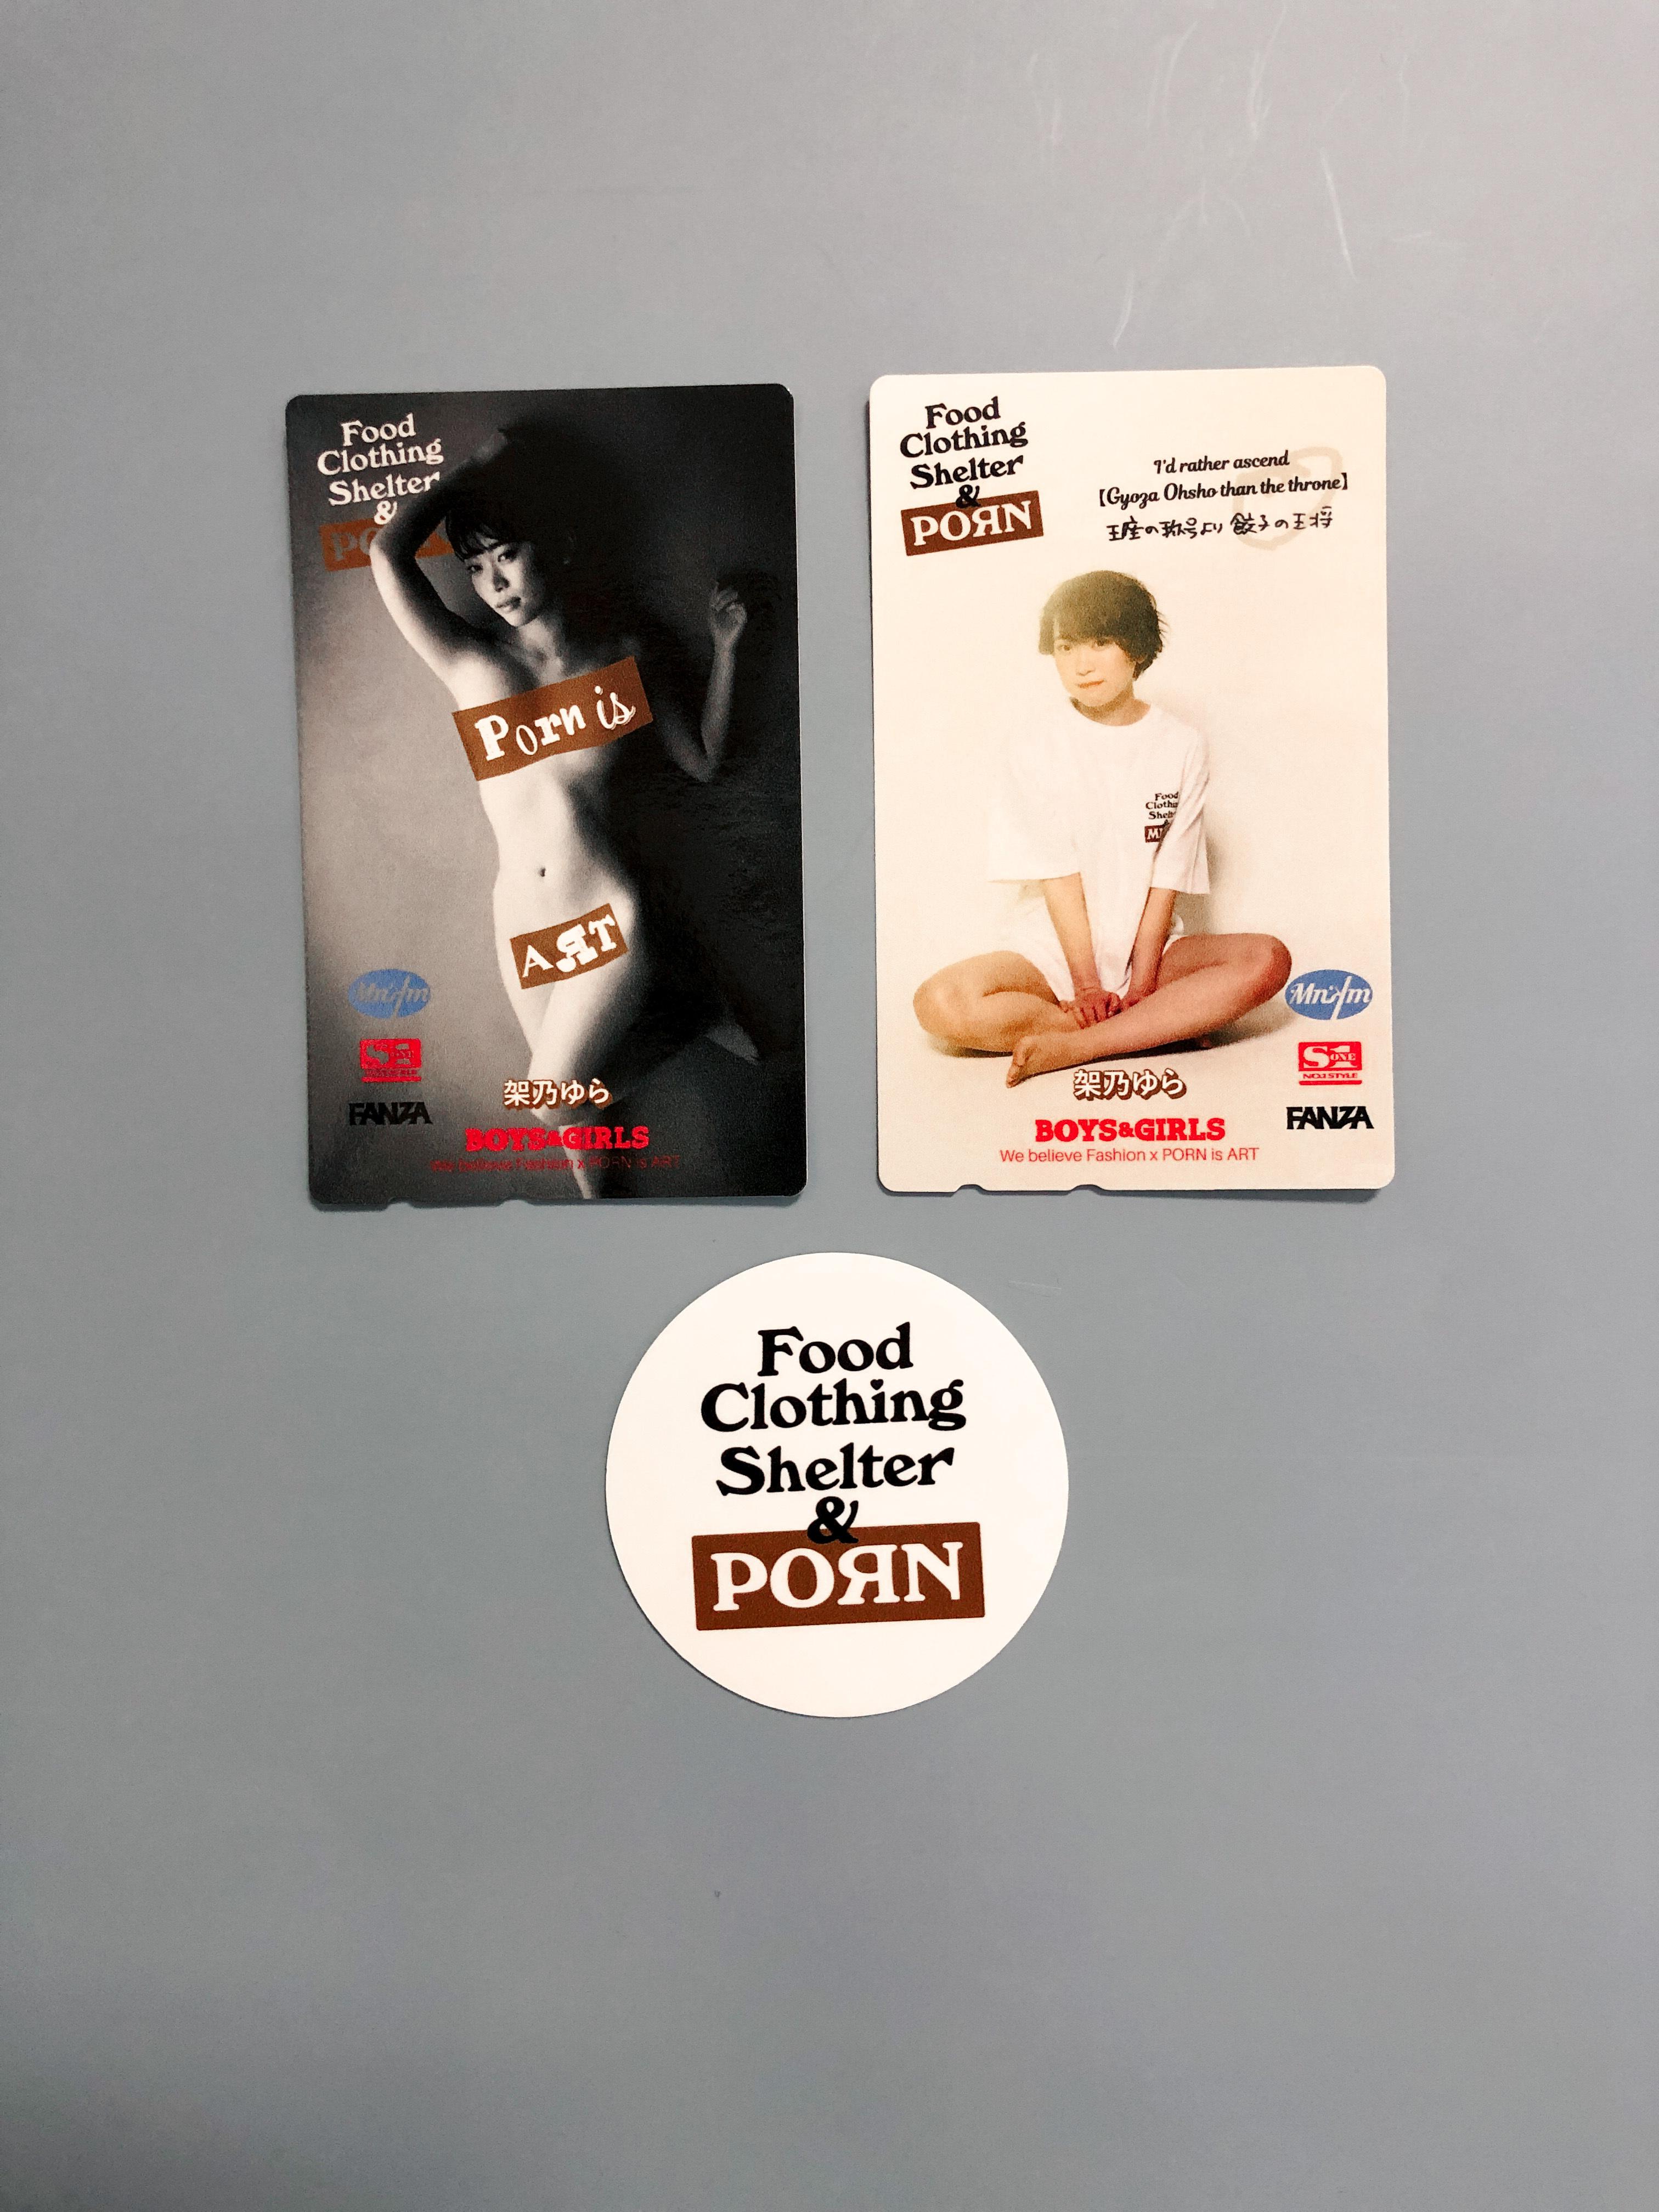 数量限定!【Goods】PLAY BOYS&GIRLS  架乃ゆらver Sticker set